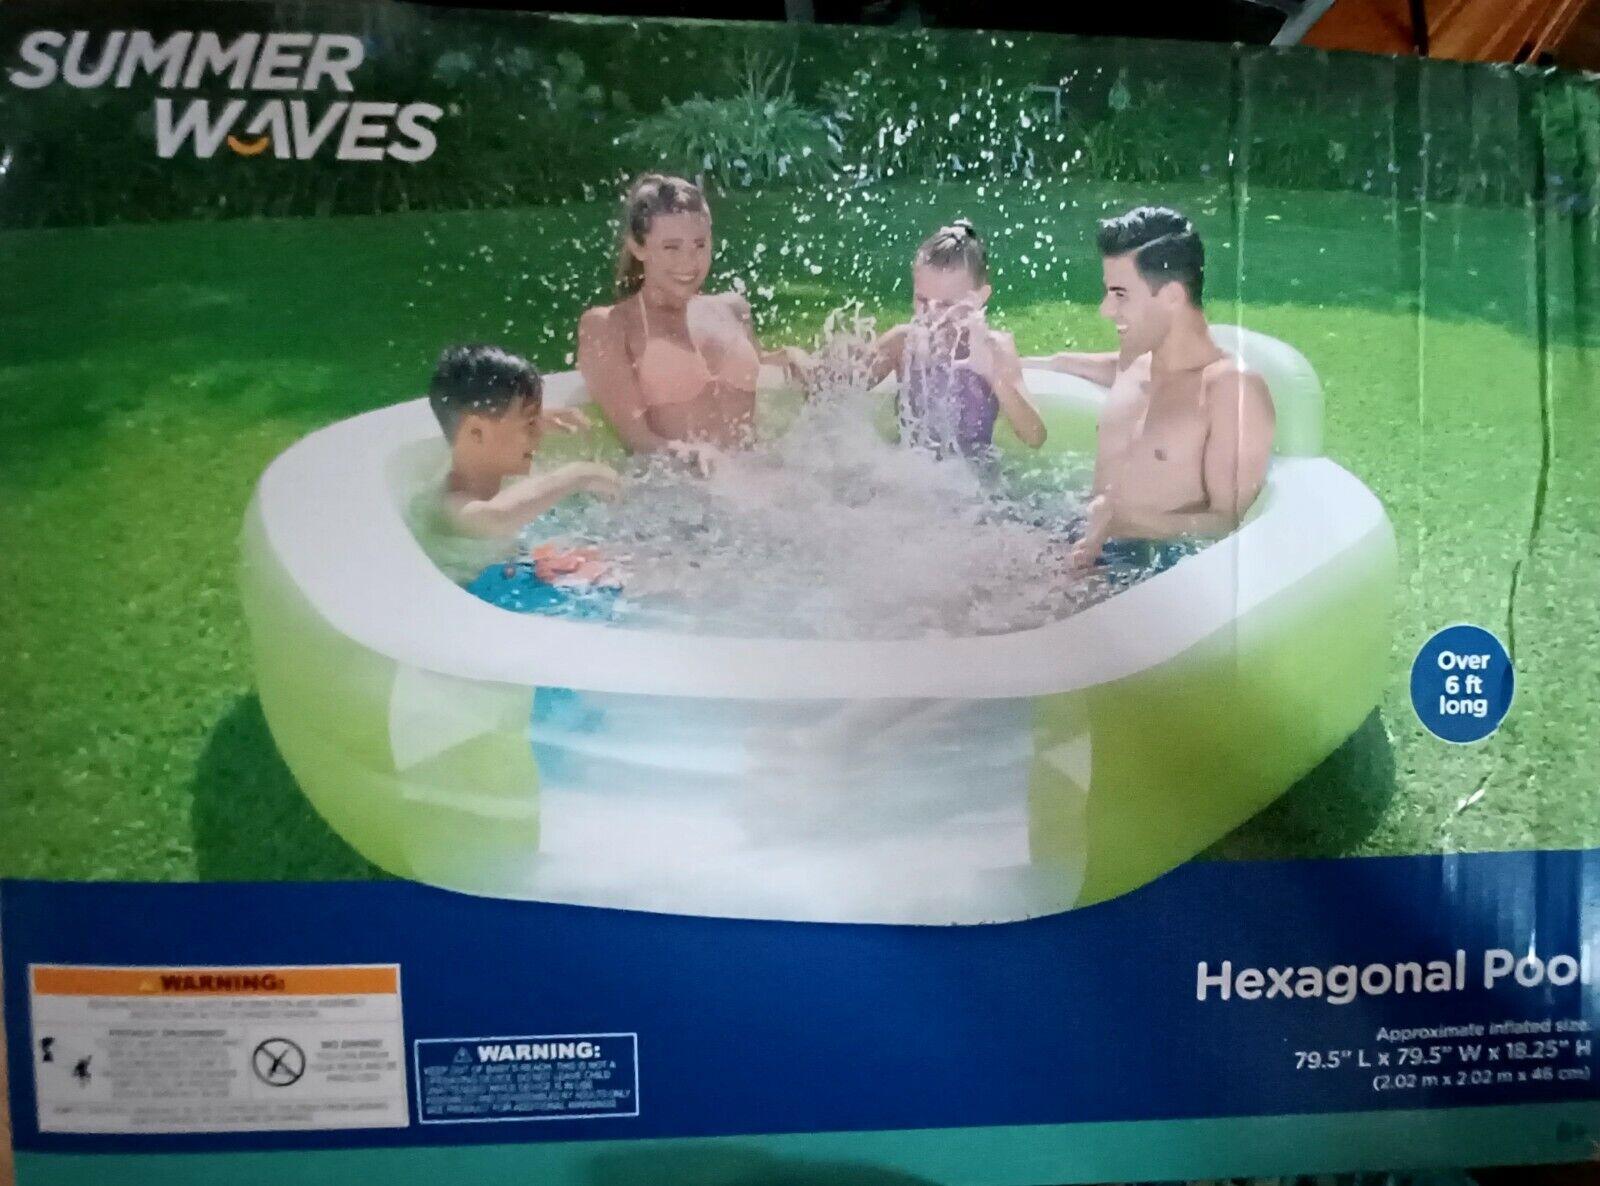 Summer Wave Hexagonal Family Pool 6ft+